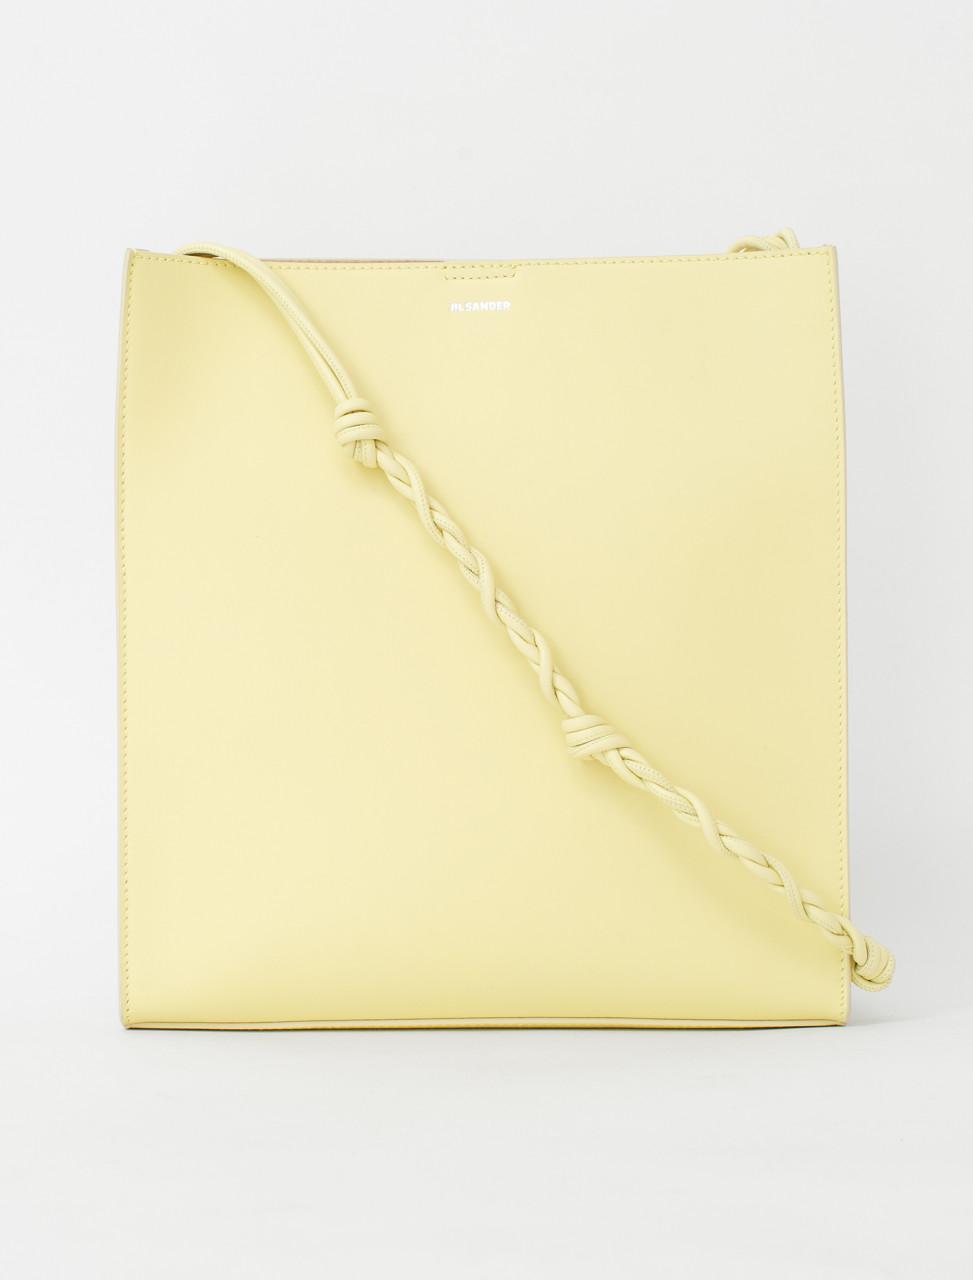 Tangle Handbag